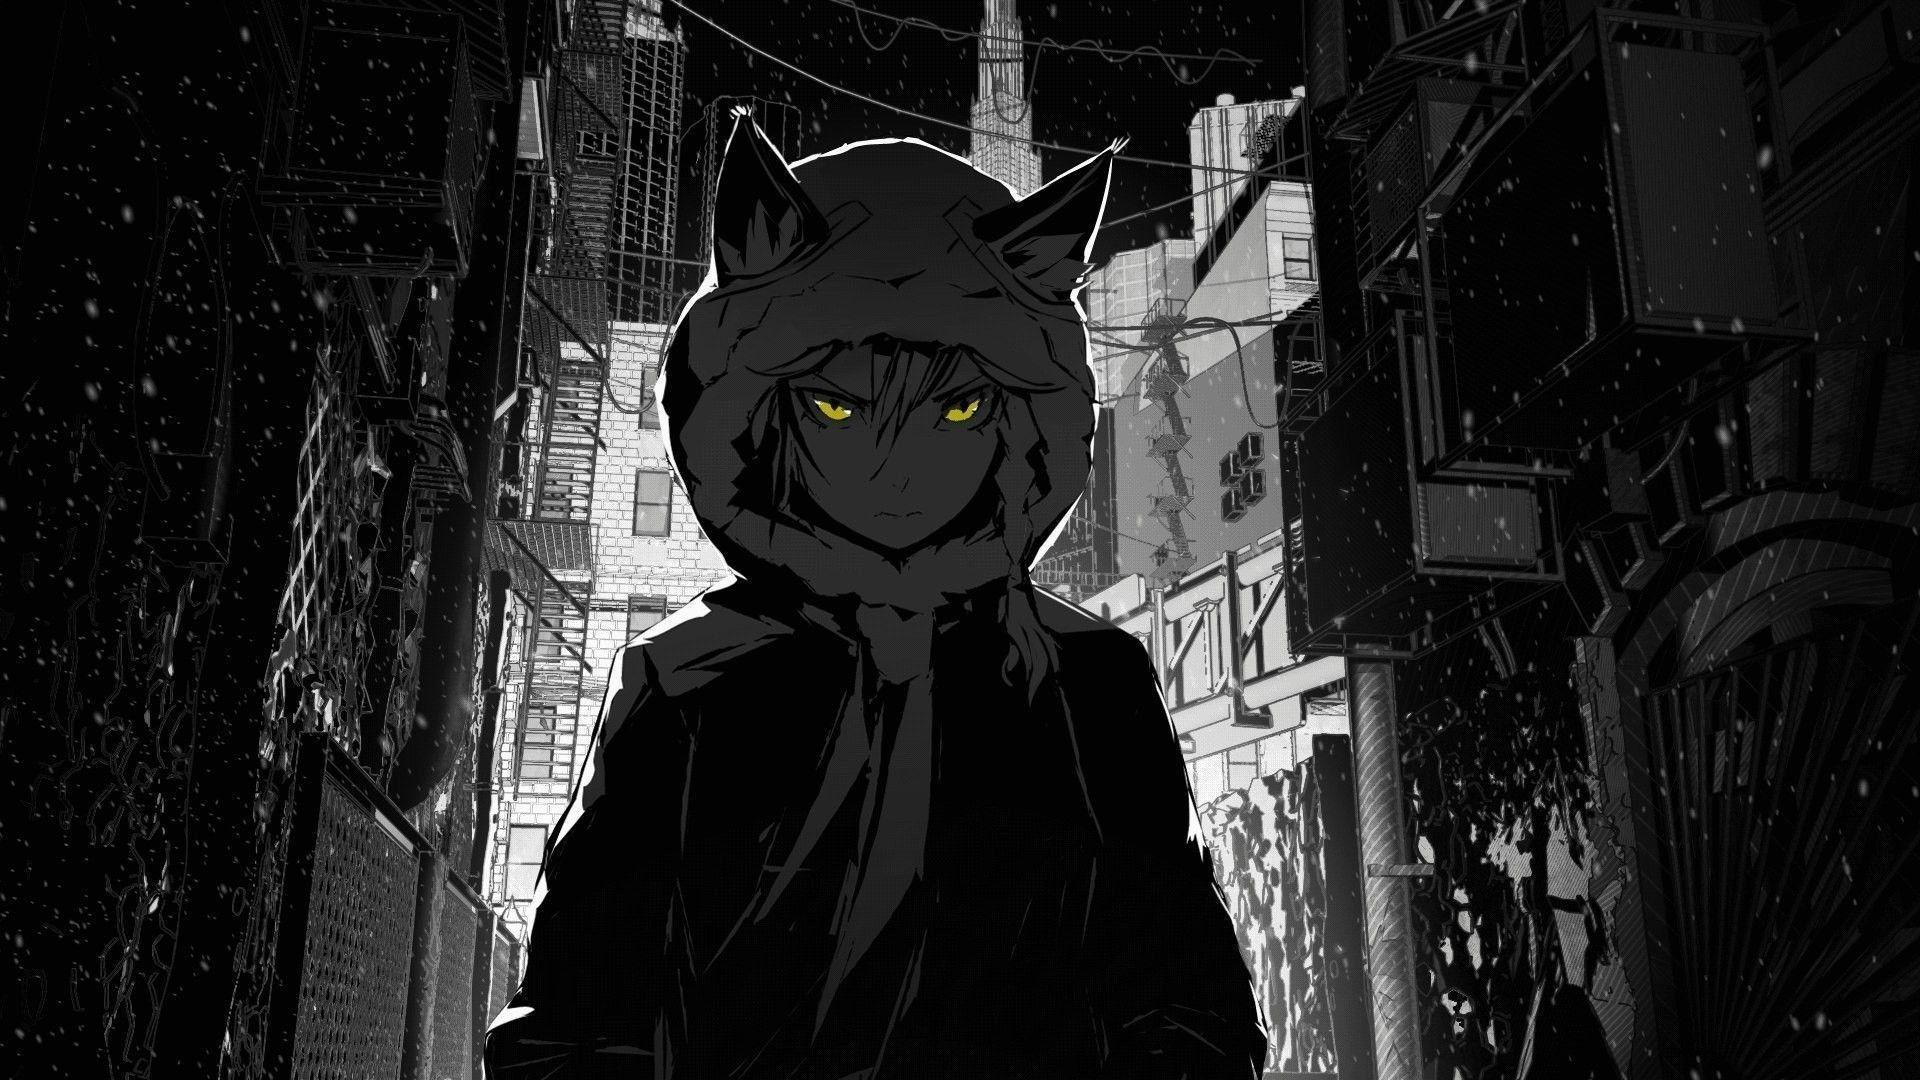 Best Of Dark Anime Hd Wallpaper Di 2020 Dengan Gambar